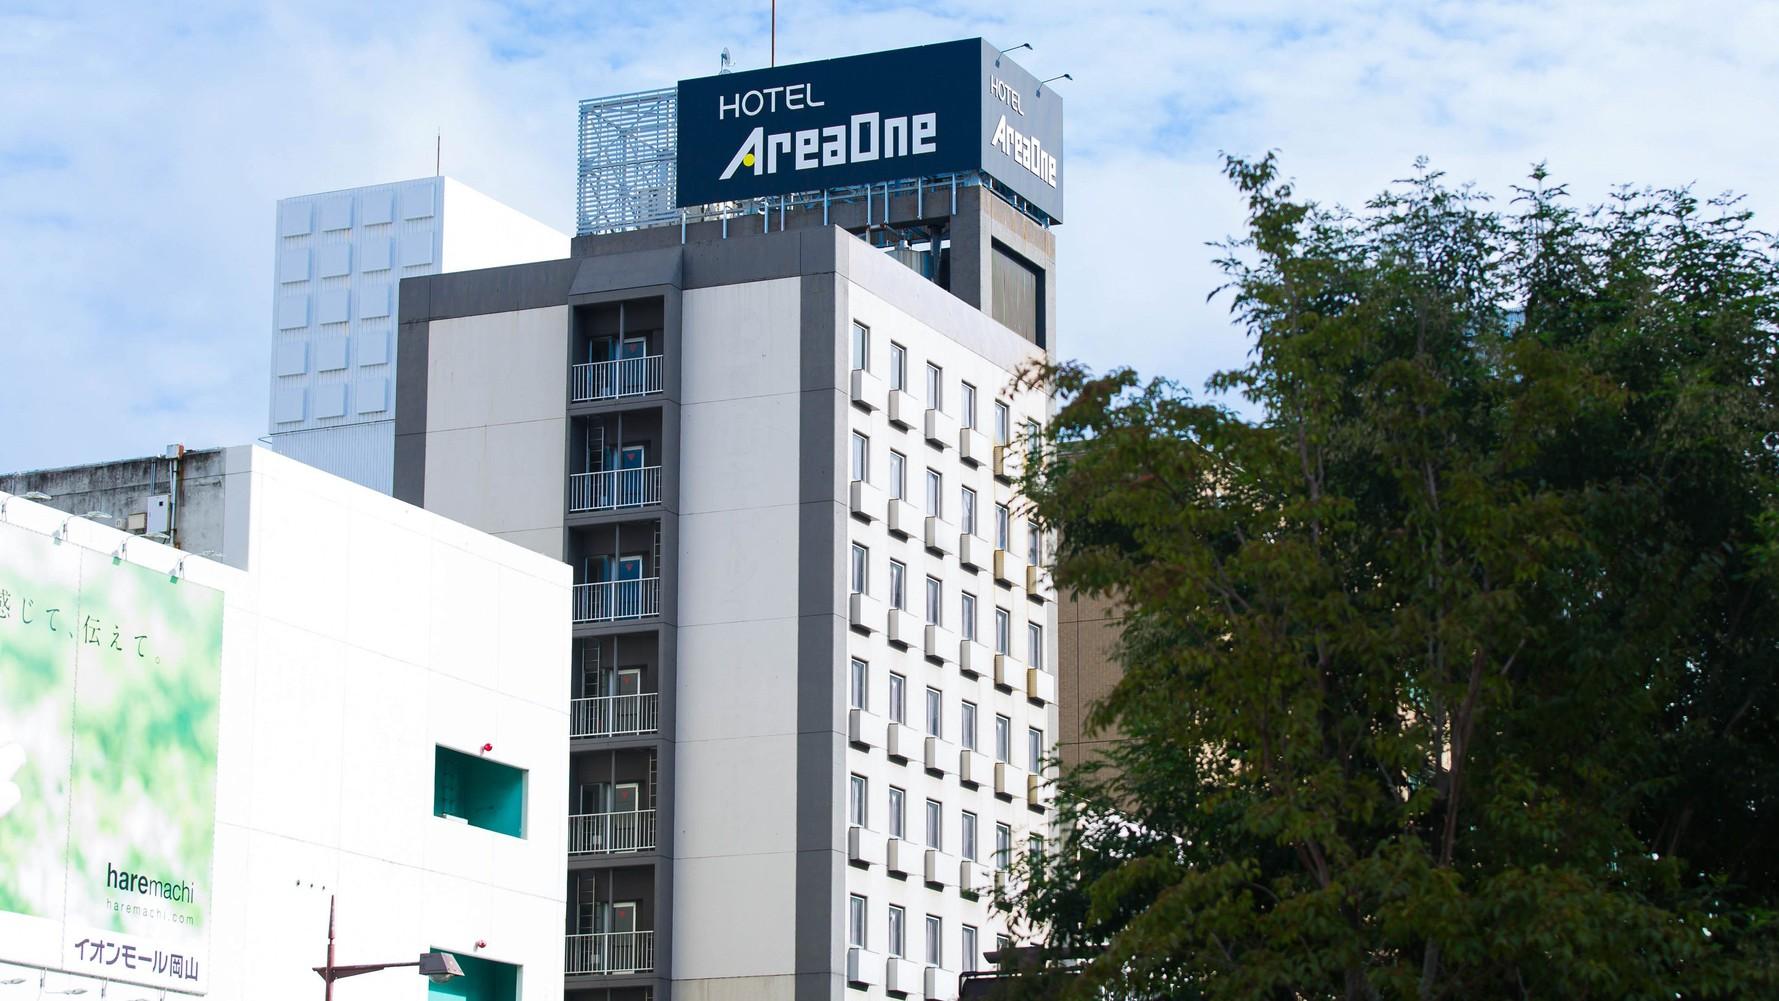 ホテルエリアワン岡山(HOTEL Areaone)...